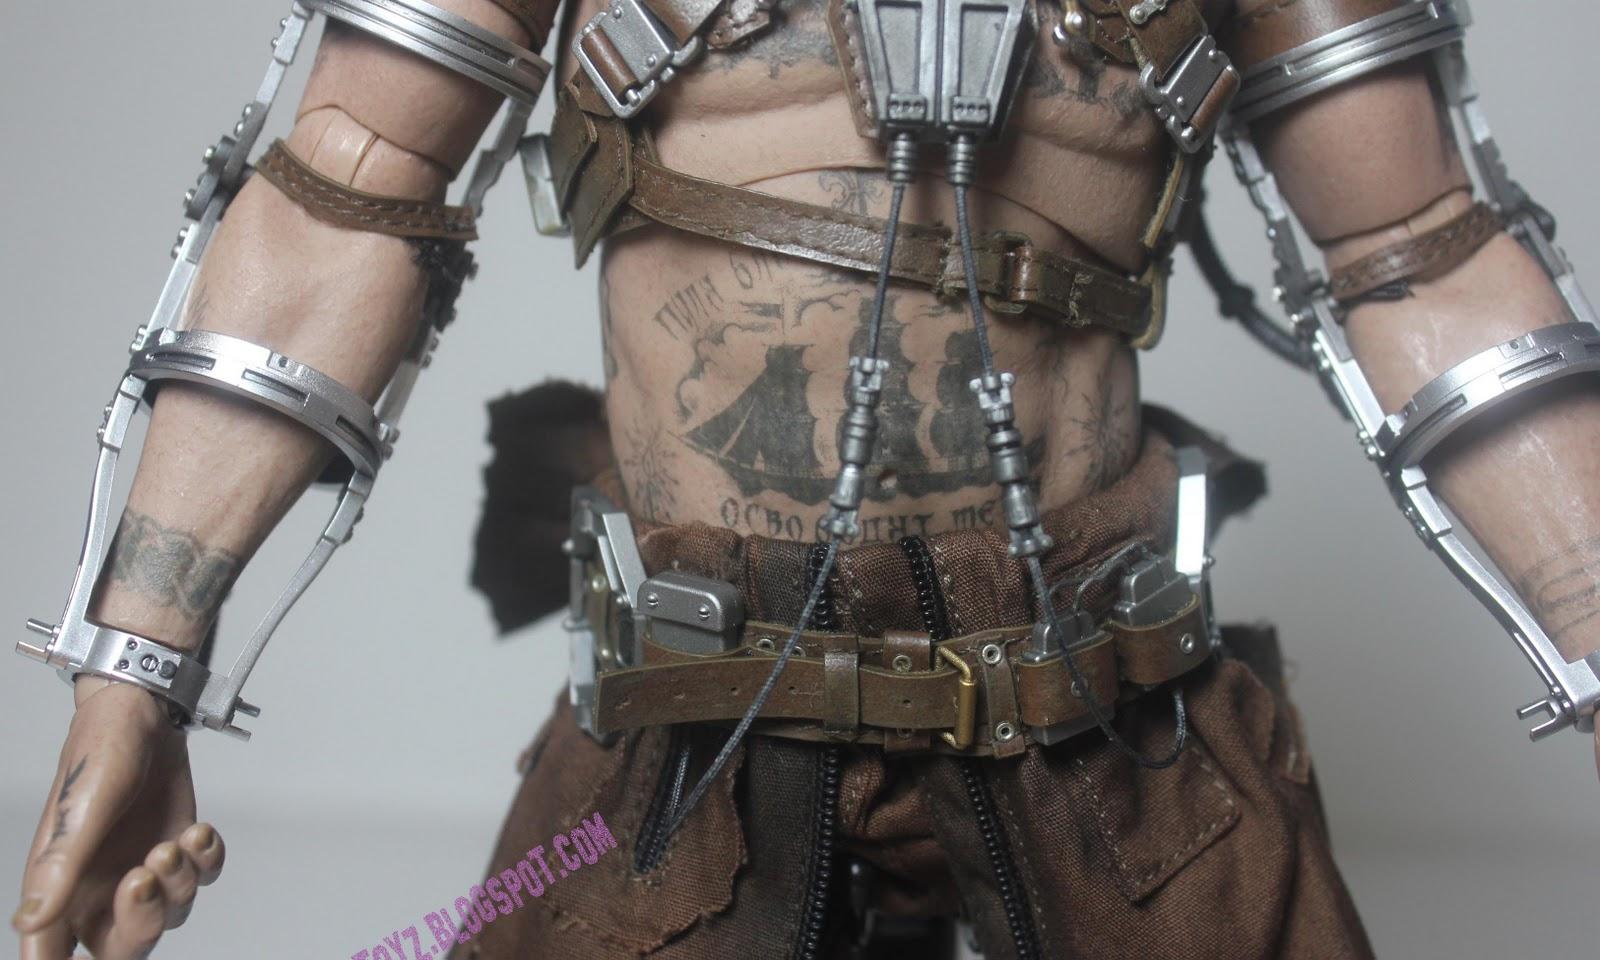 http://1.bp.blogspot.com/-hDZnjzIt4qM/TVWG8mSOrHI/AAAAAAAAAkM/Wpe8s_EZ_0A/s1600/tattoo+adoman.jpg